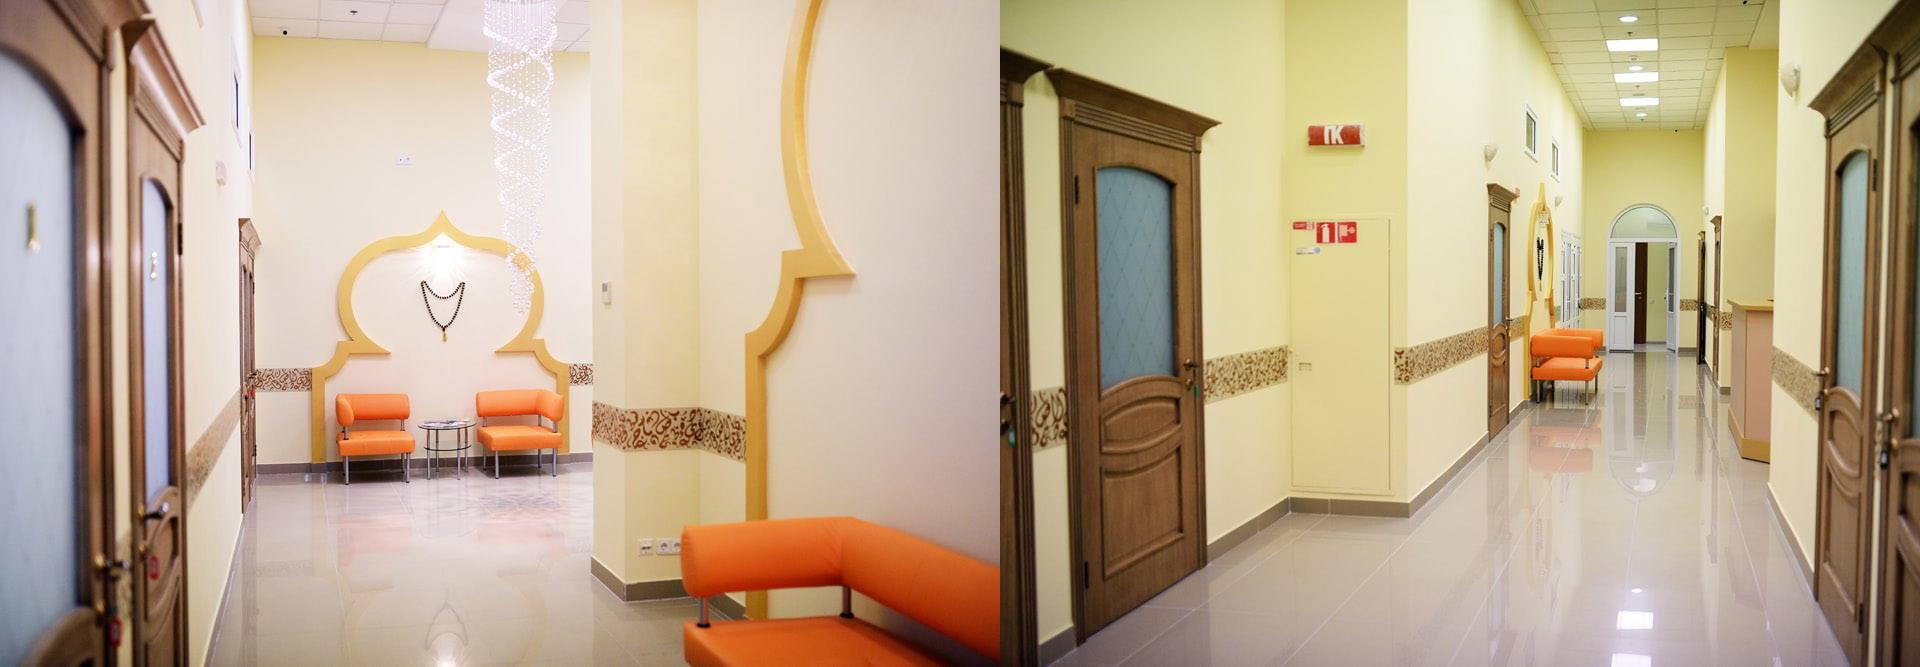 Дизайн интерьера of the medical center Medical center interior design